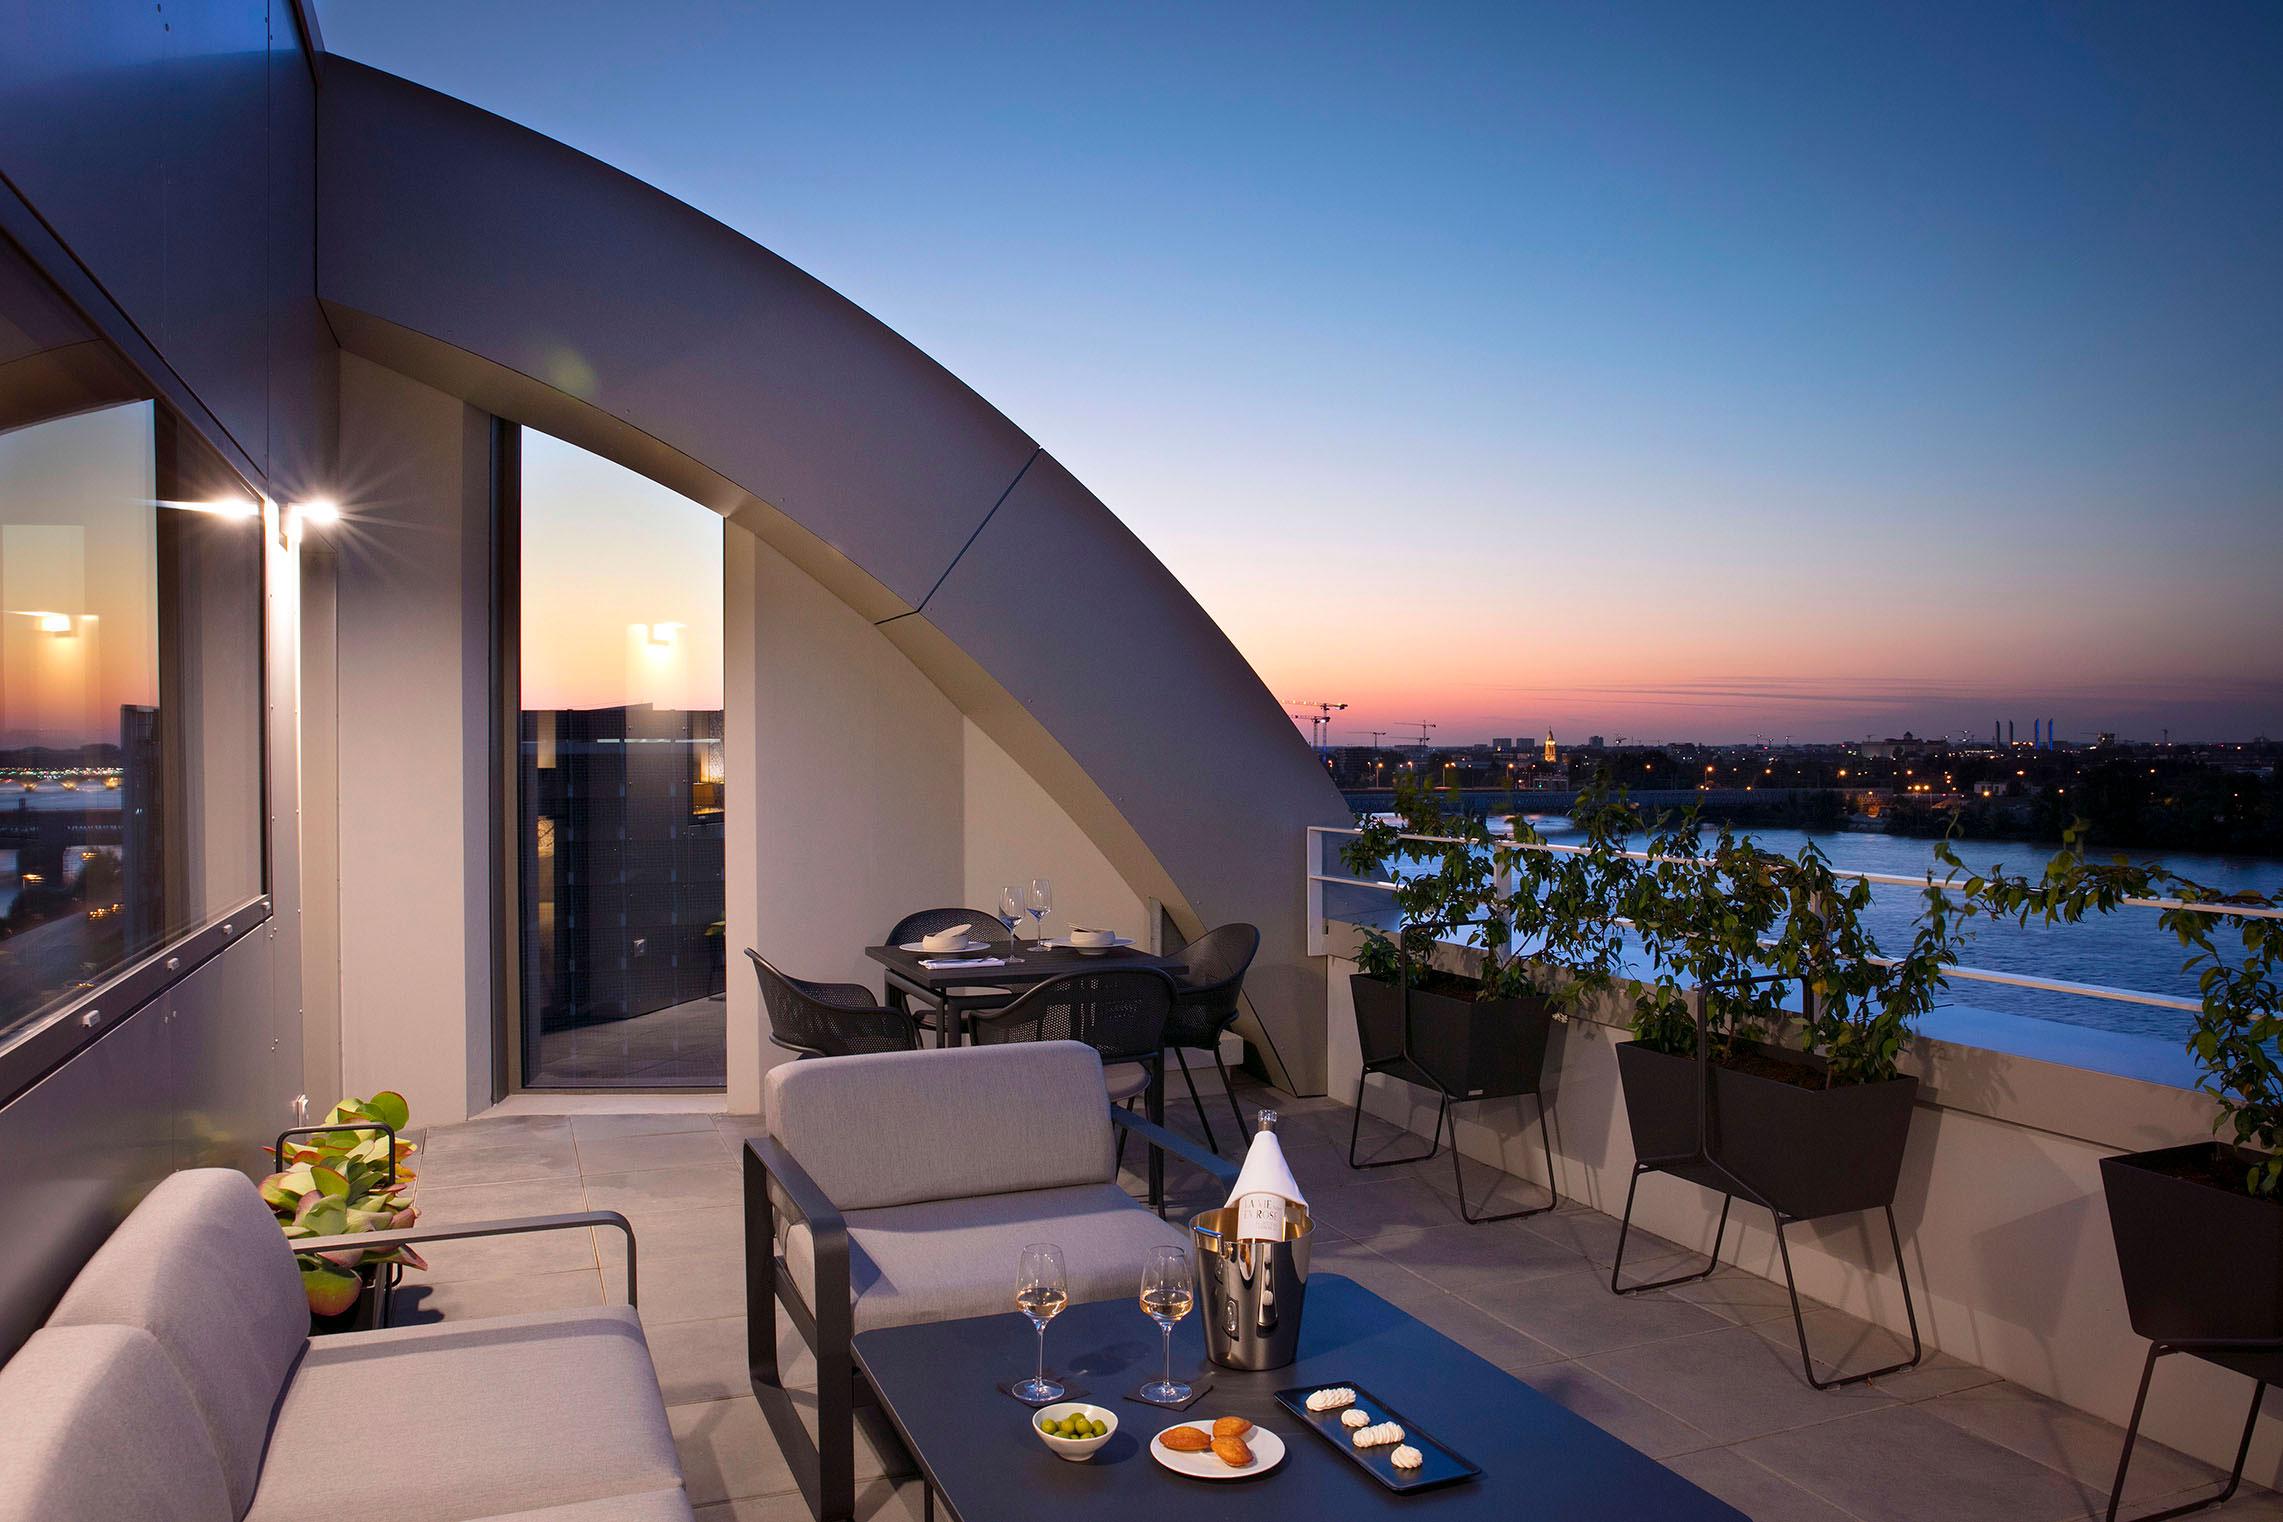 Hilton Garden Inn Bordeaux Centre - Suite Junior avec Terrasse - Terrasse nuit - Nuit romantique Bordeaux